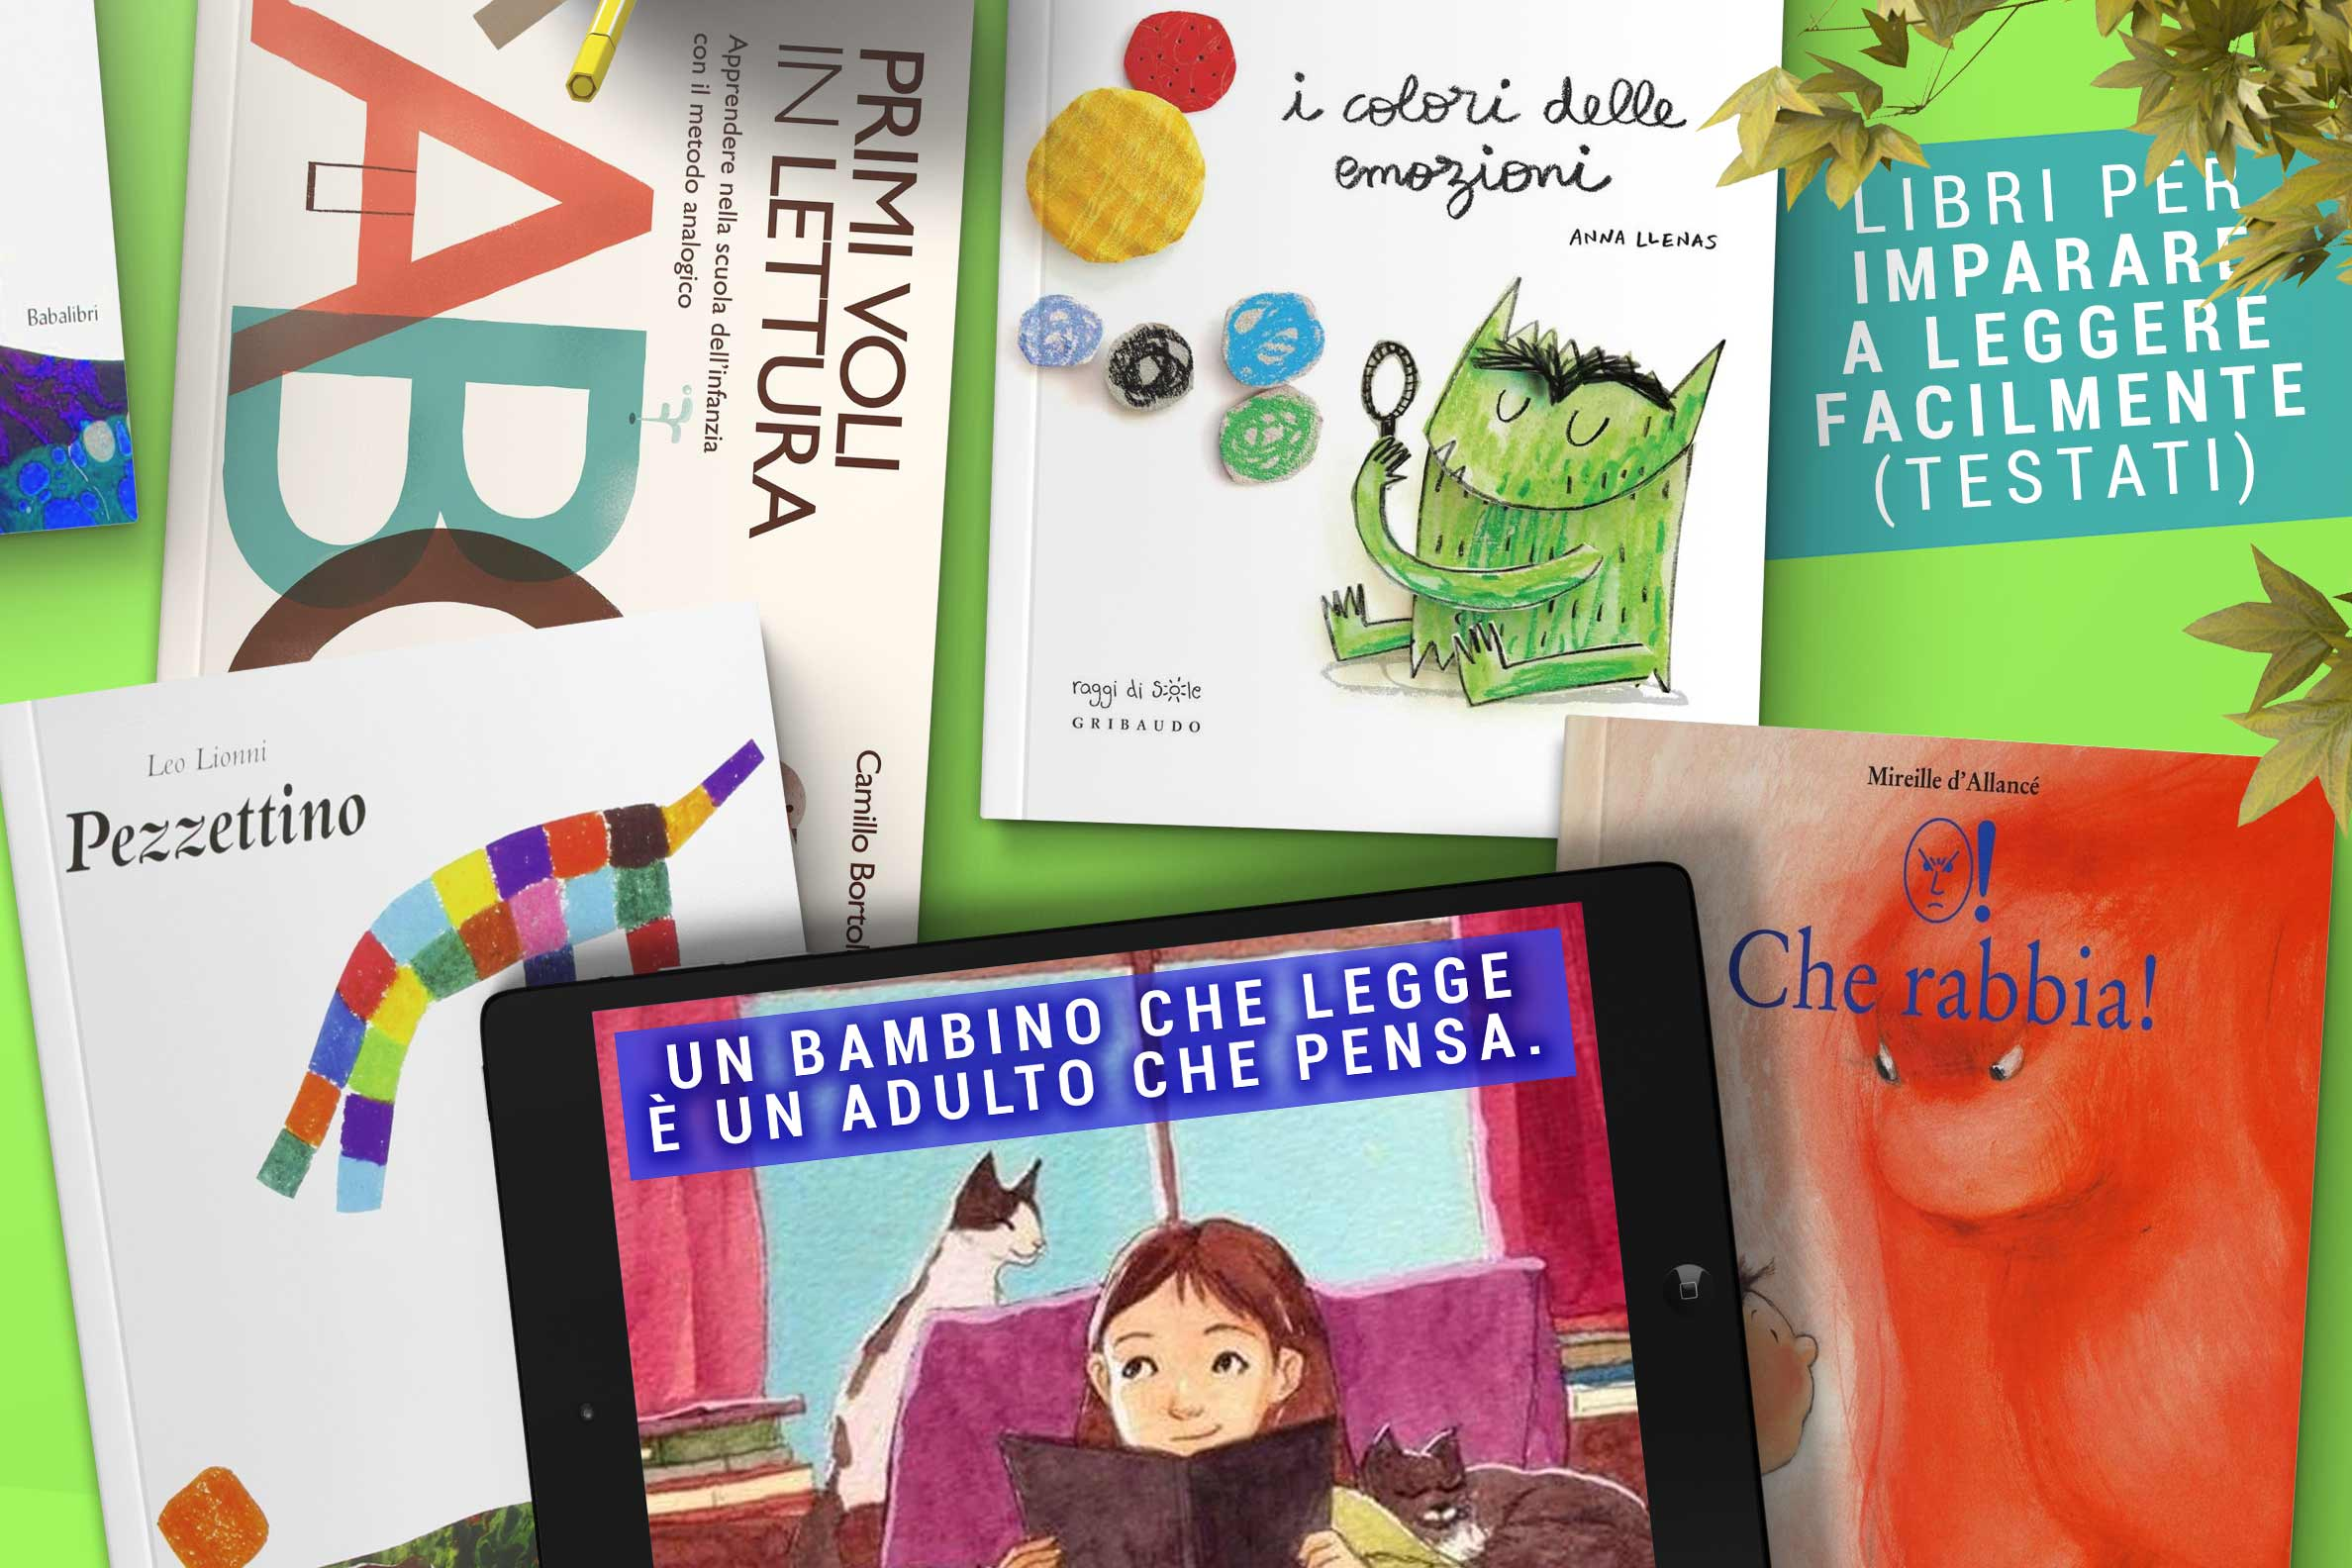 Libri Per Imparare A Leggere Consigliati | Migliore Libro Insegnare A Bambini